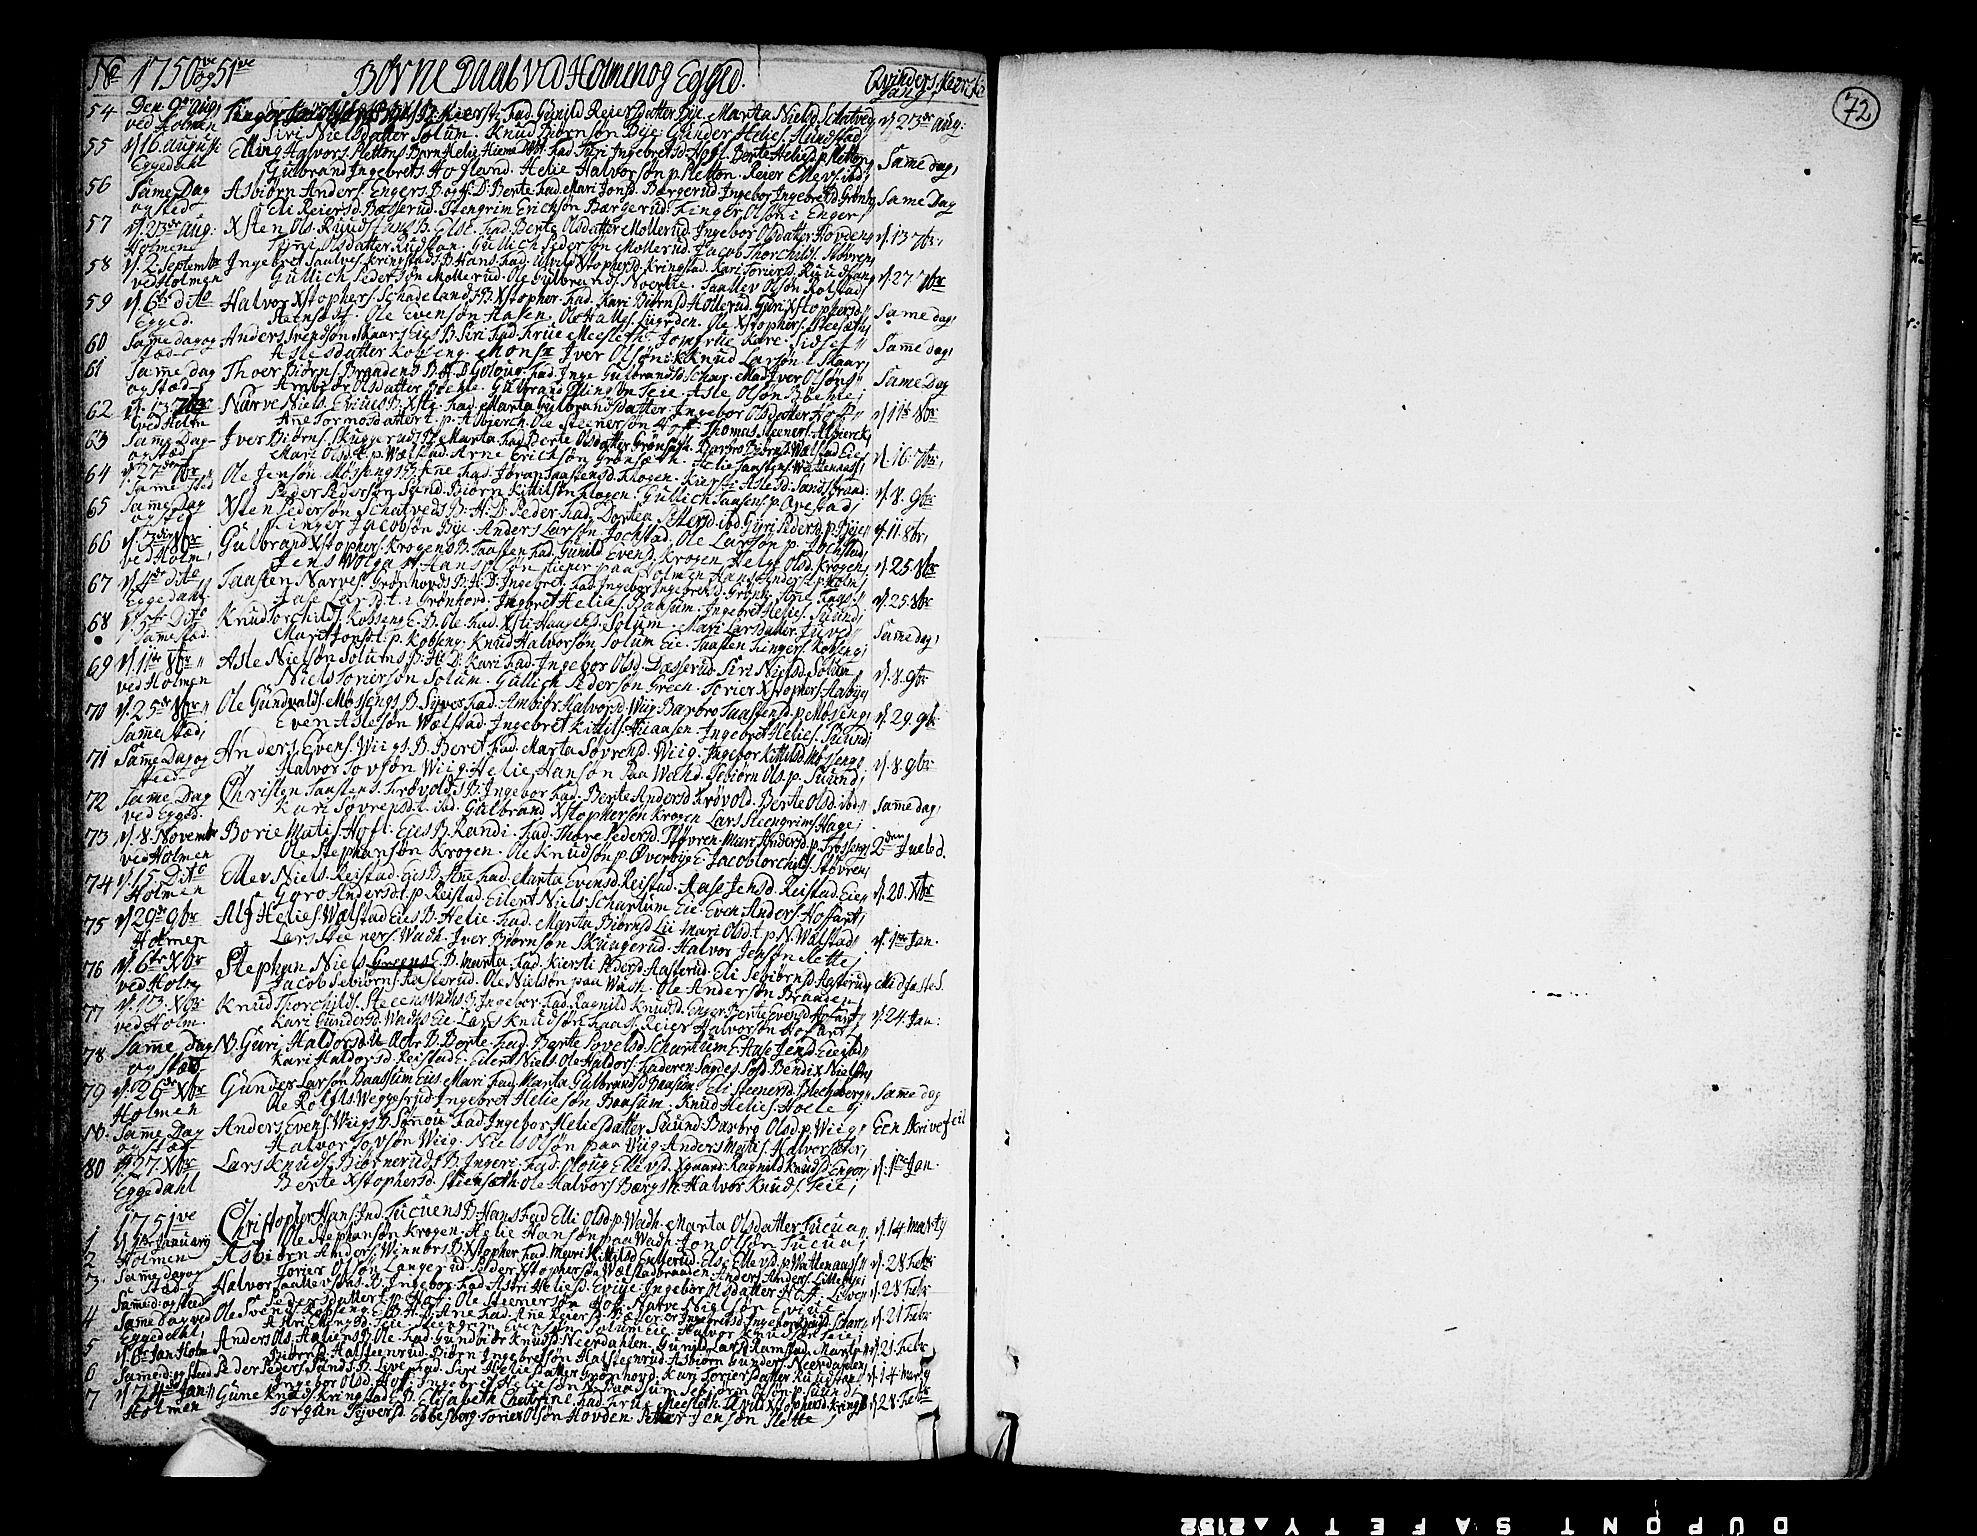 SAKO, Sigdal kirkebøker, F/Fa/L0001: Ministerialbok nr. I 1, 1722-1777, s. 72